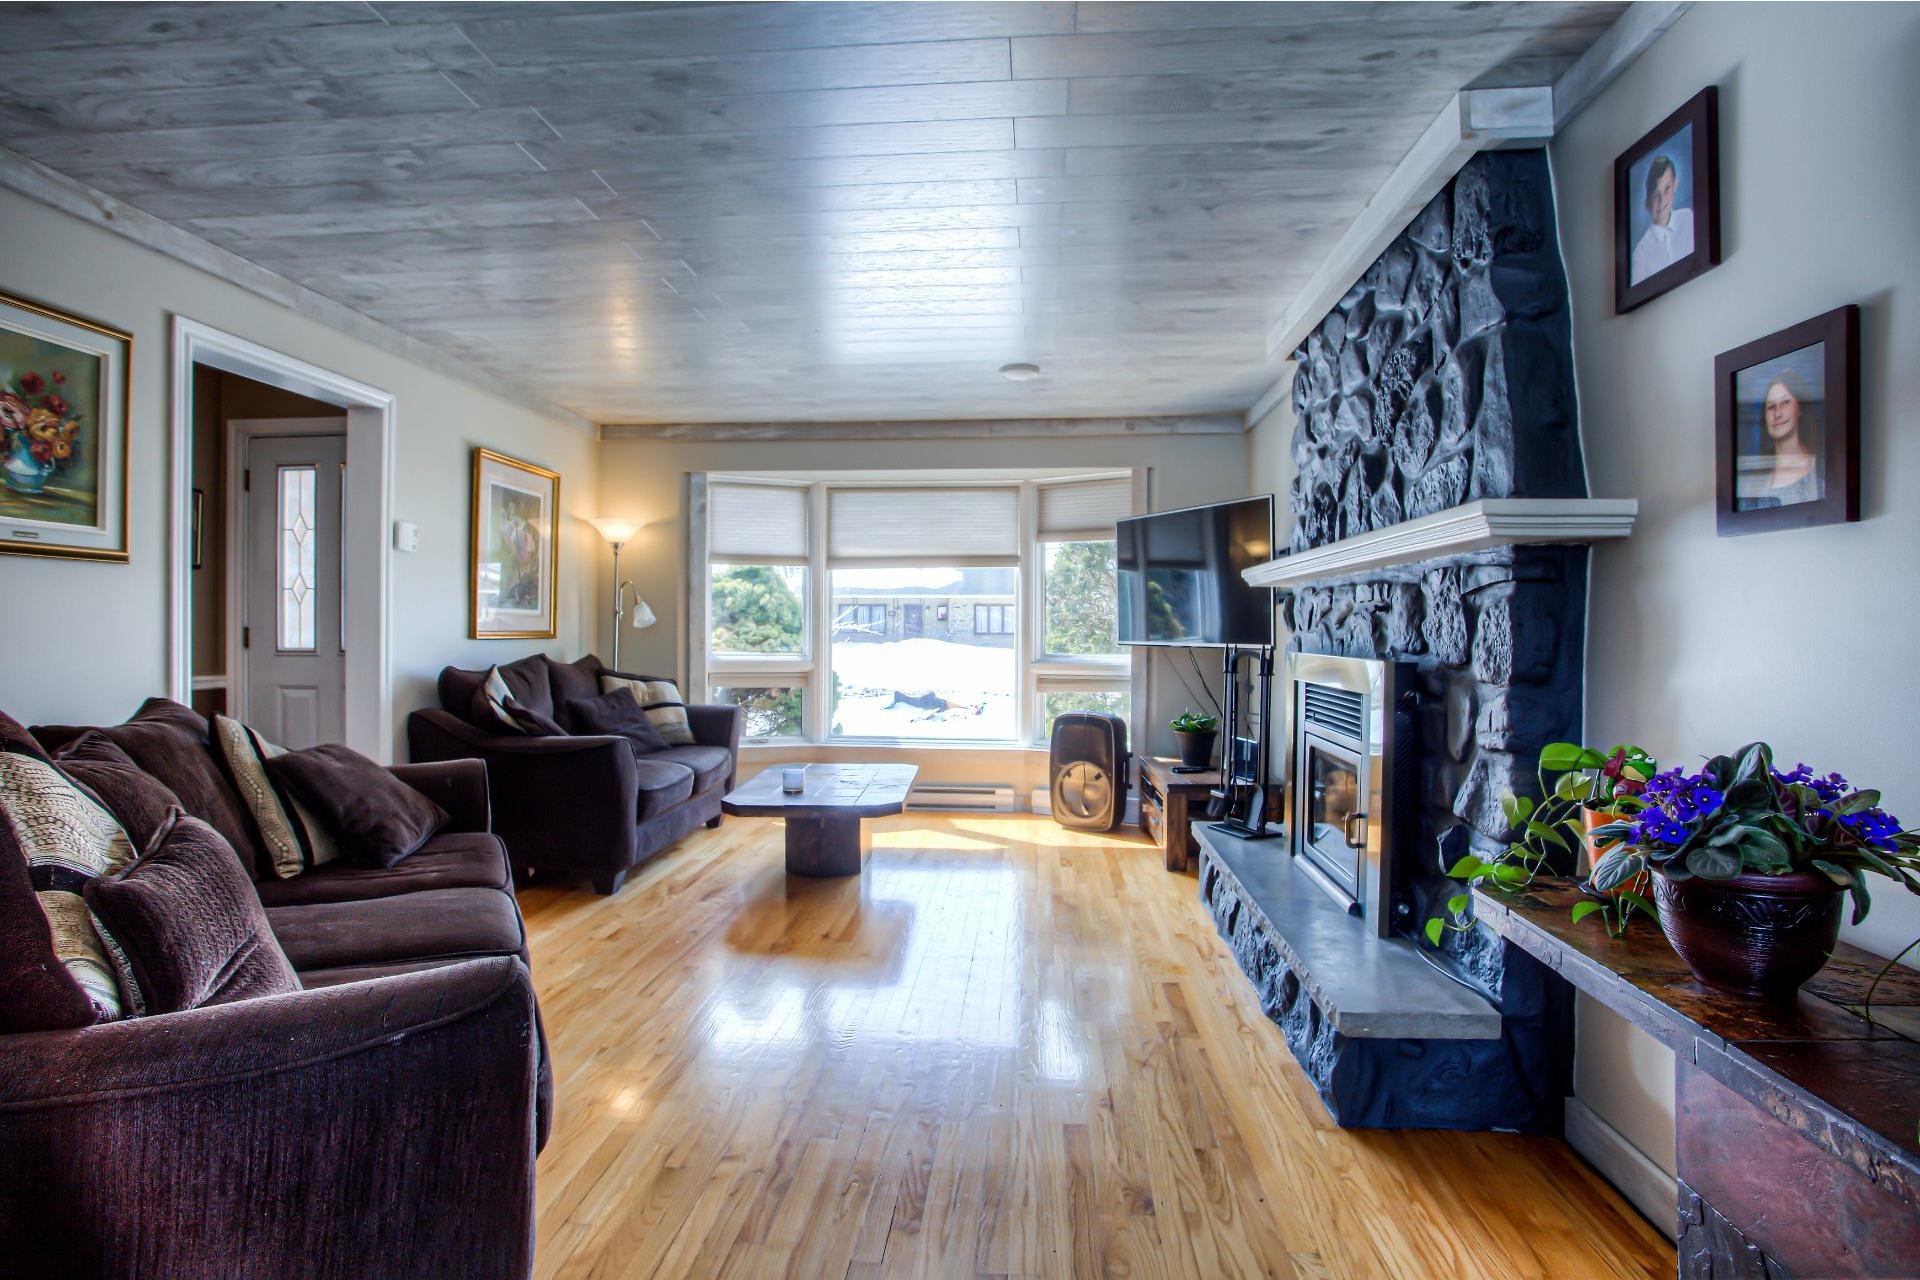 image 2 - House For sale Vaudreuil-sur-le-Lac - 13 rooms